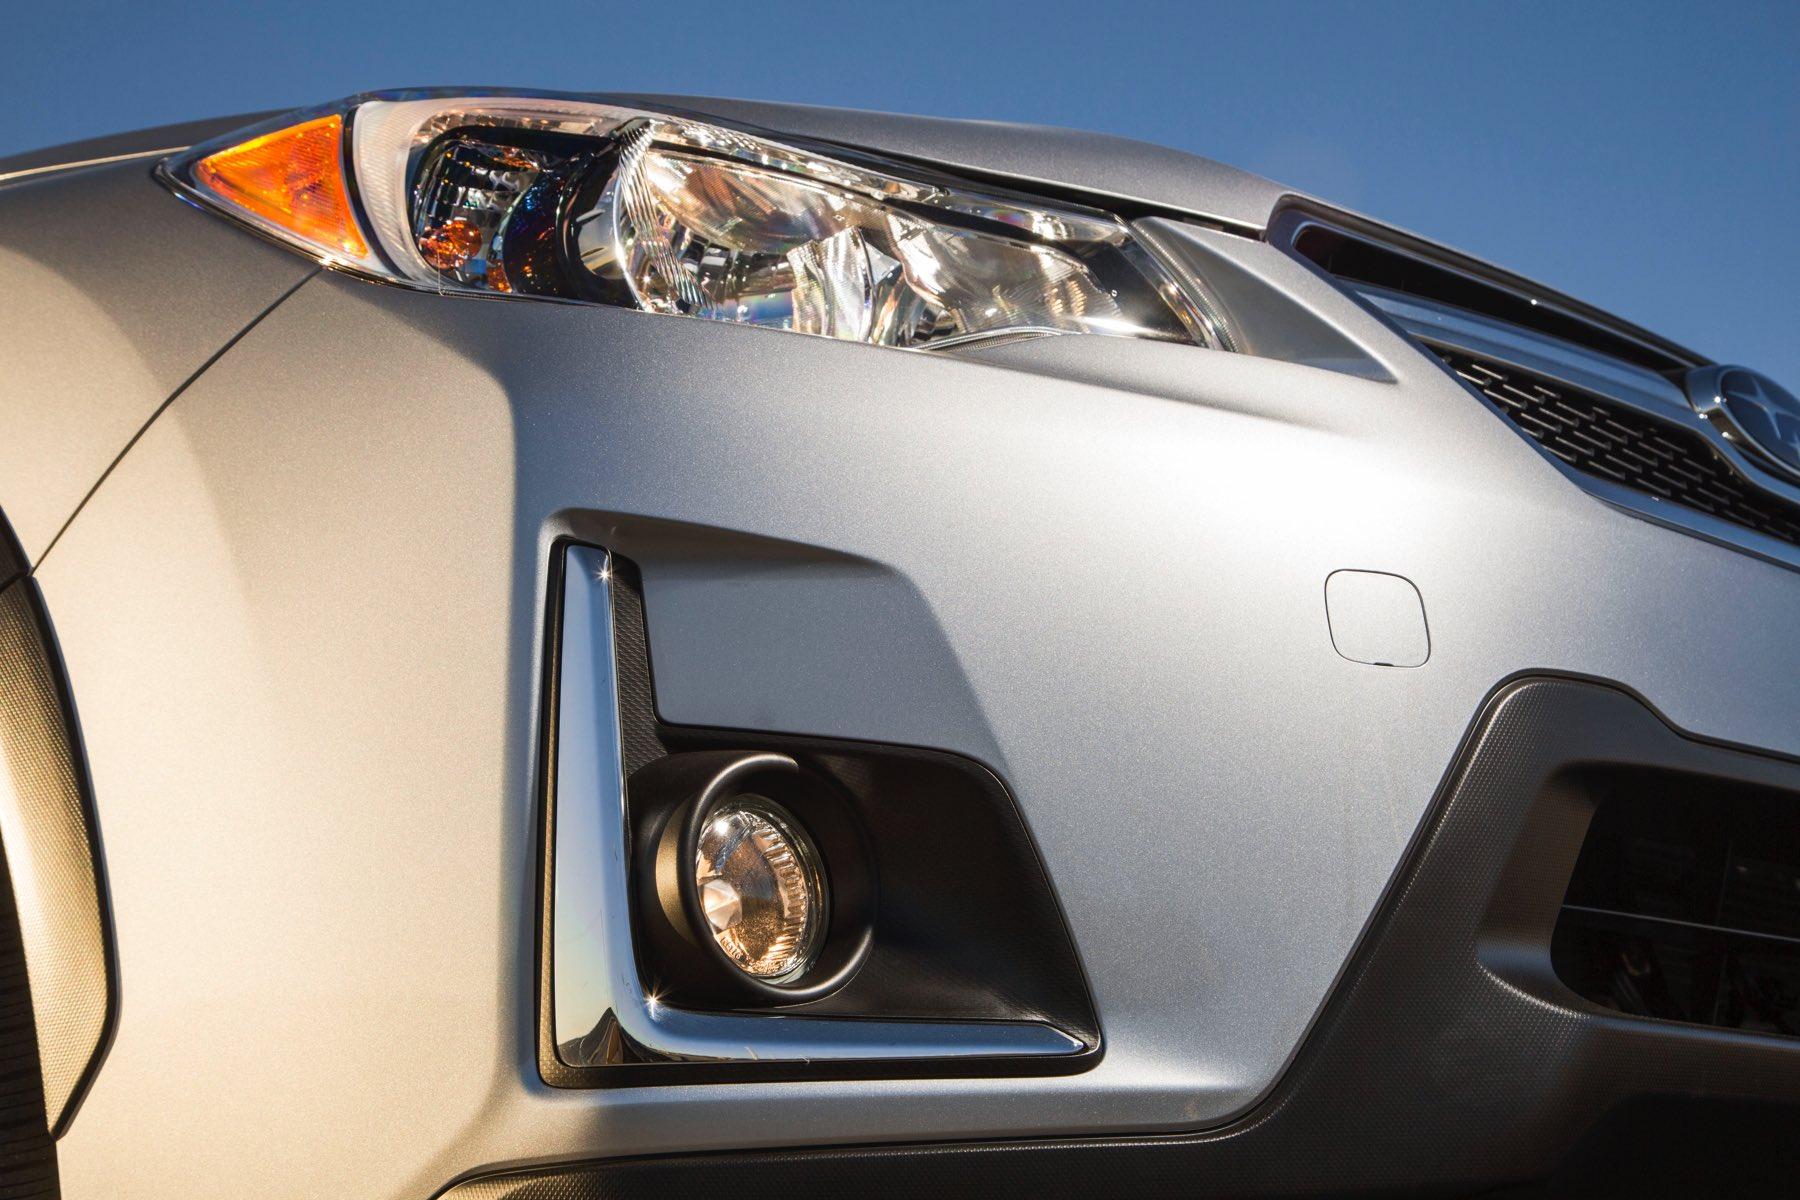 2016-Subaru-Crosstrek-019